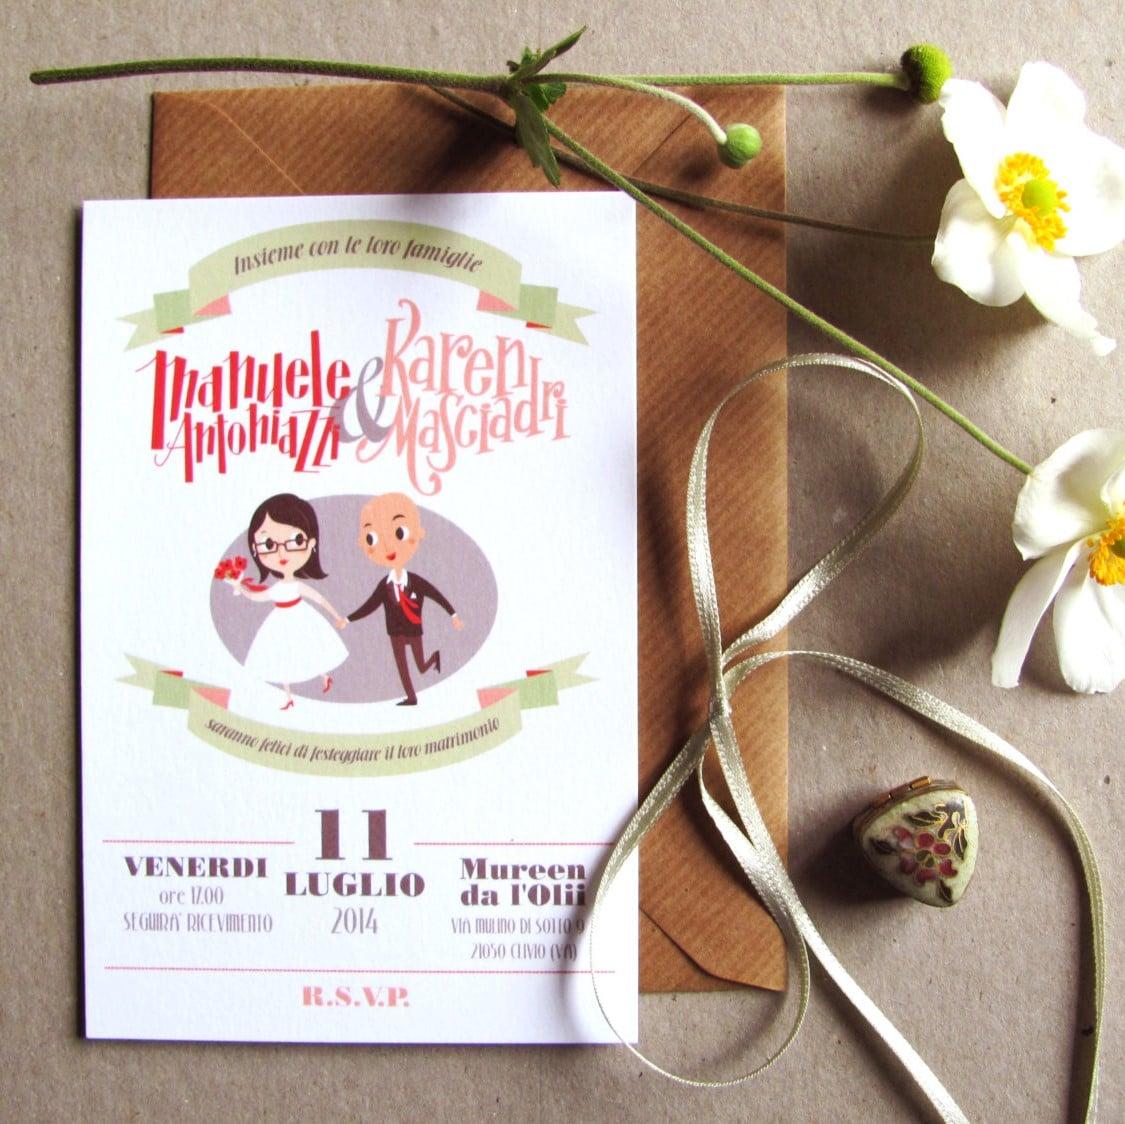 Eccezionale Partecipazione di Matrimonio Personalizzata con Disegno degli  EU31